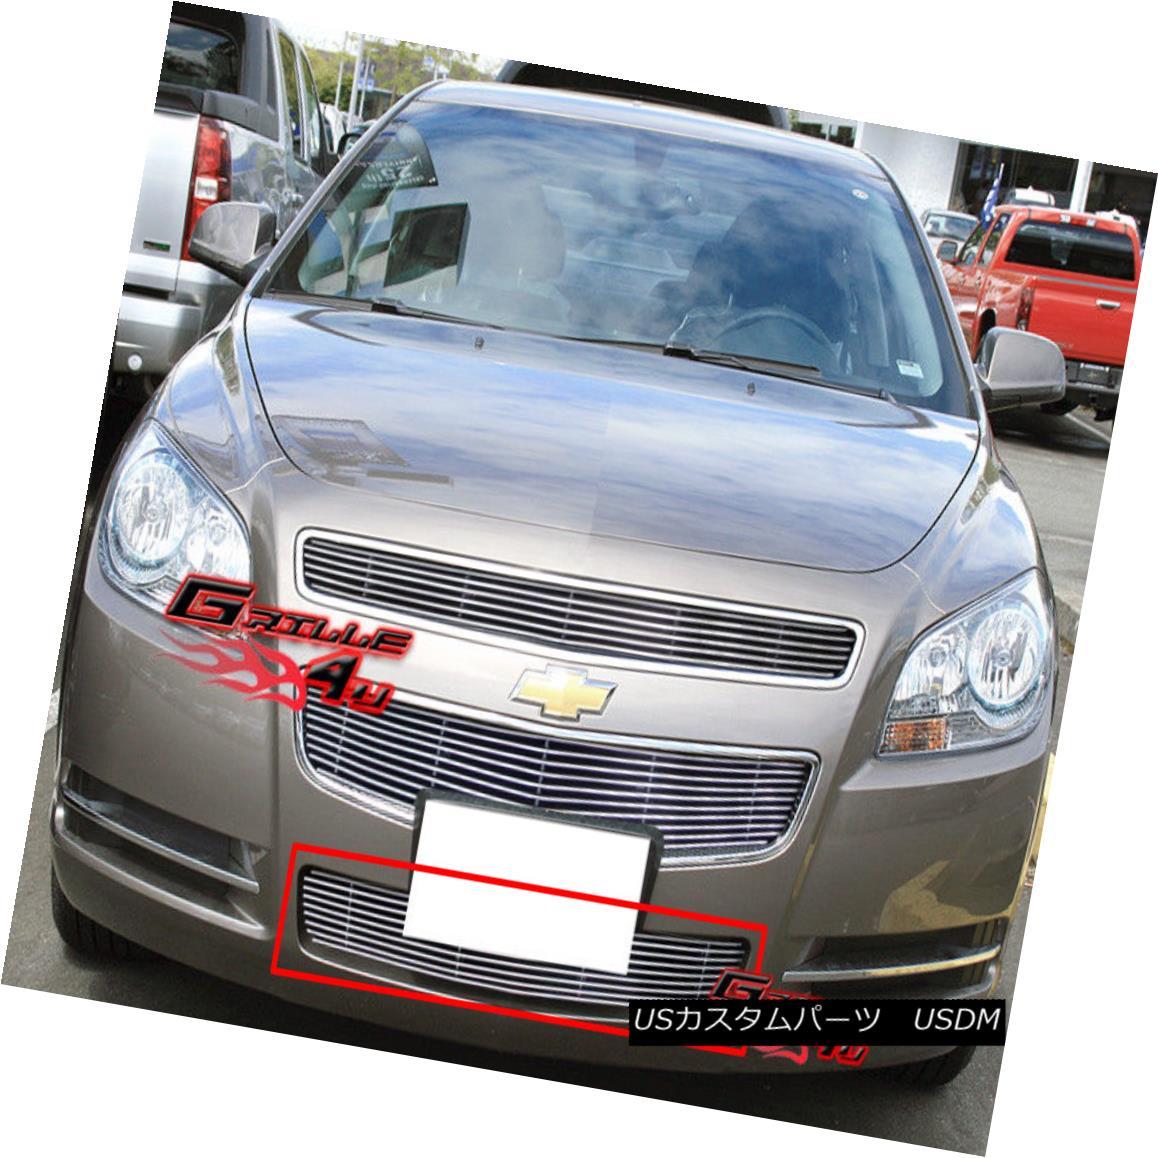 グリル Fits 2008-2012 Chevy Malibu Bumper Billet Grille Grill Insert フィット2008-2012シボレーマリブバンパービレットグリルグリルインサート